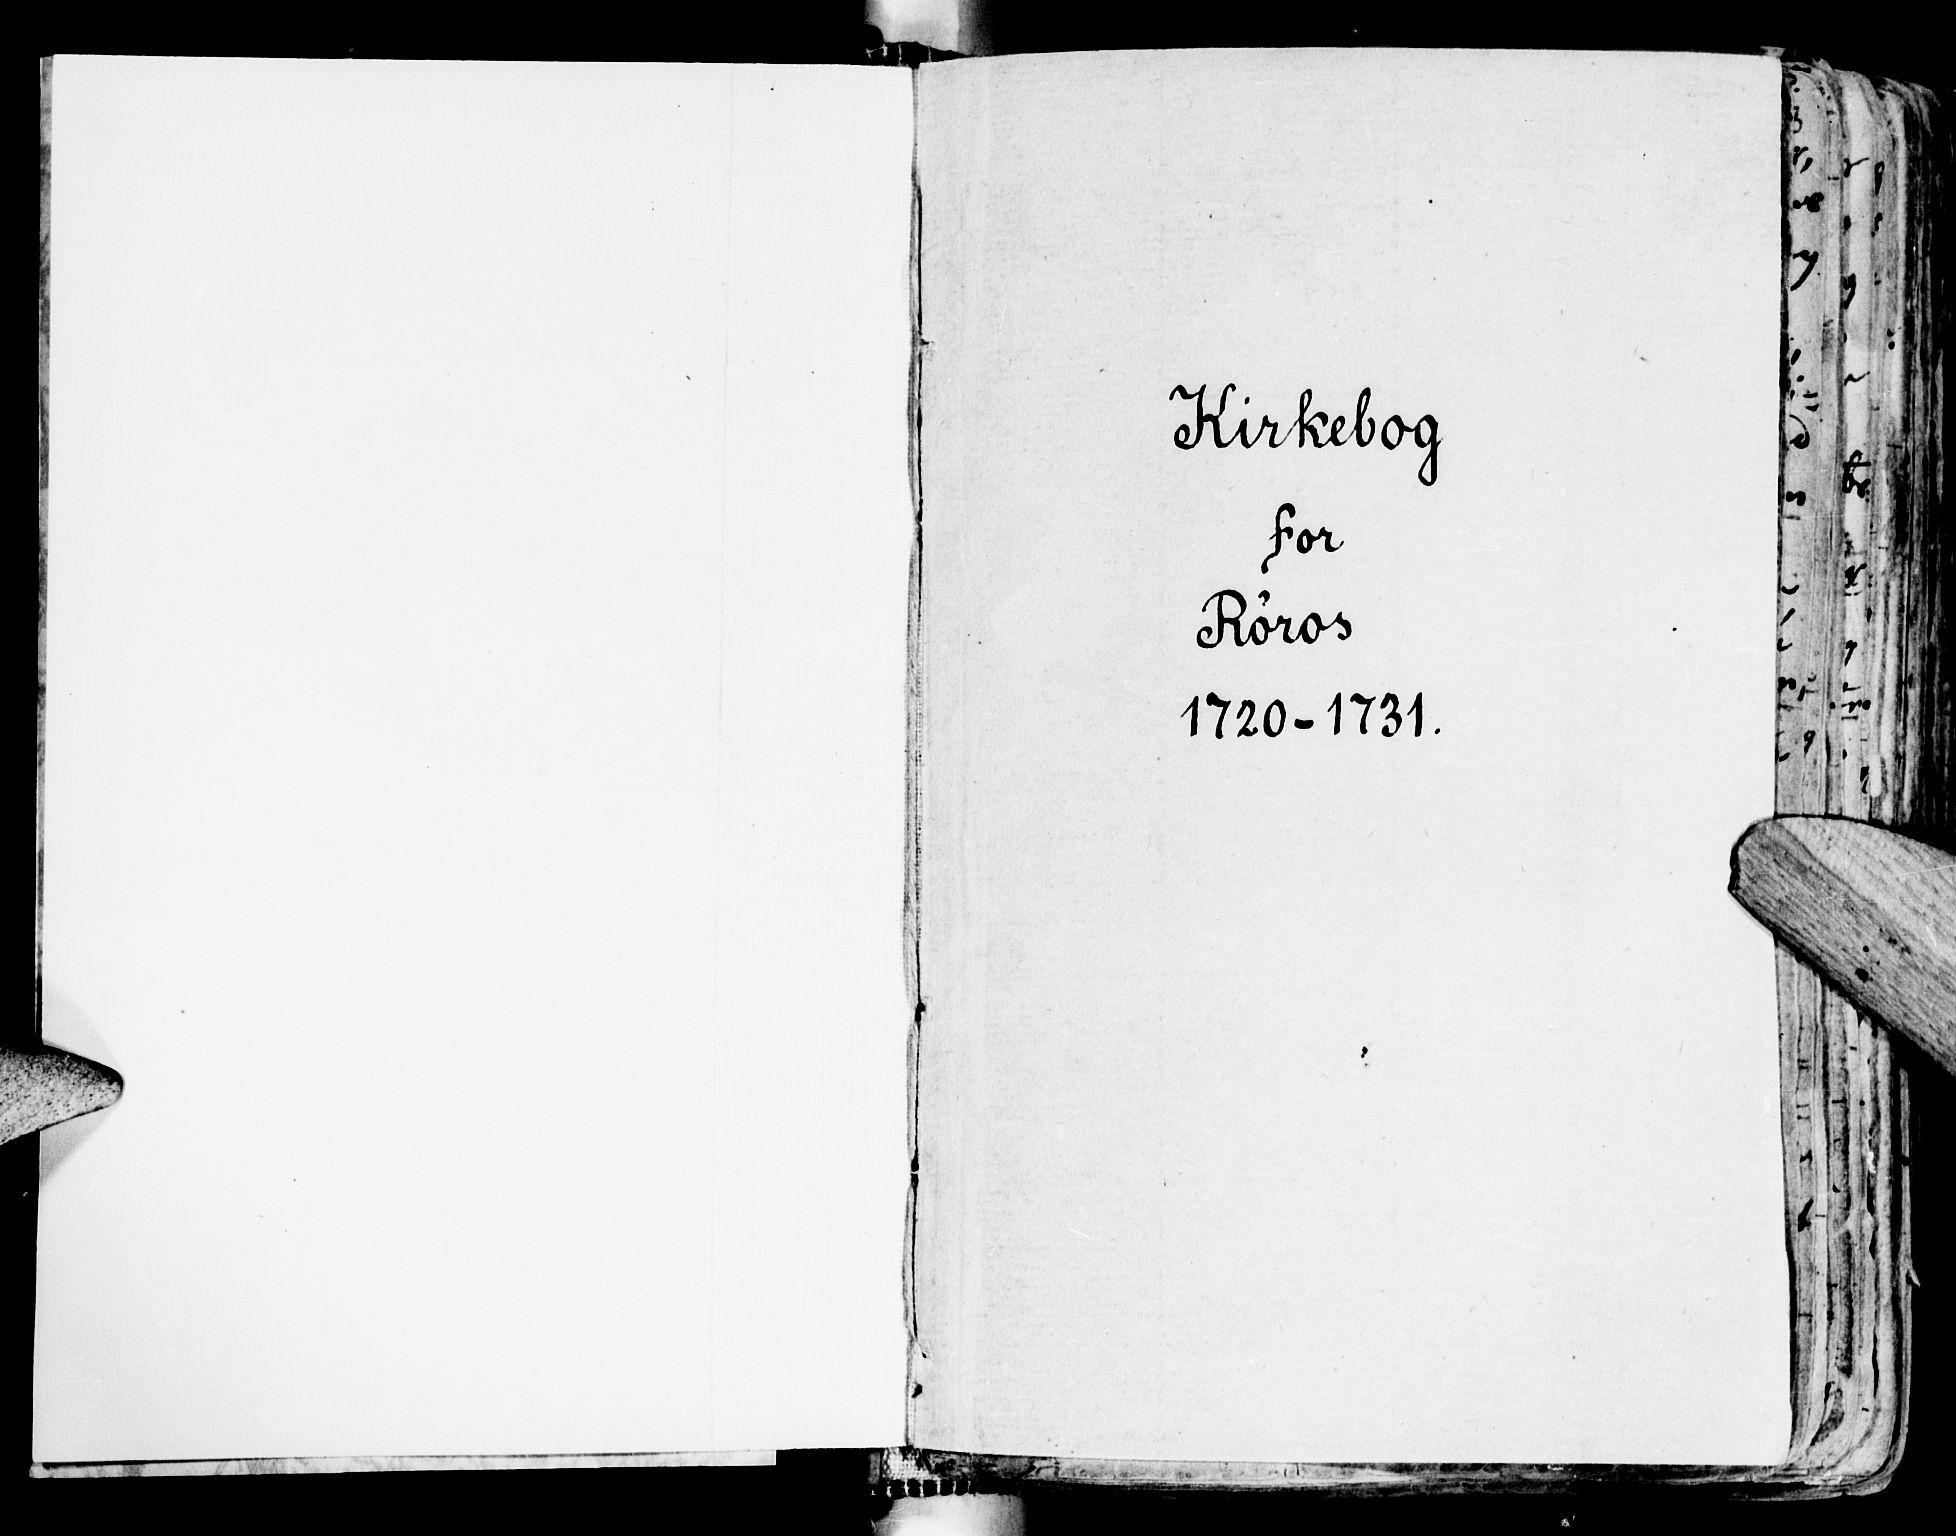 SAT, Ministerialprotokoller, klokkerbøker og fødselsregistre - Sør-Trøndelag, 681/L0924: Ministerialbok nr. 681A02, 1720-1731